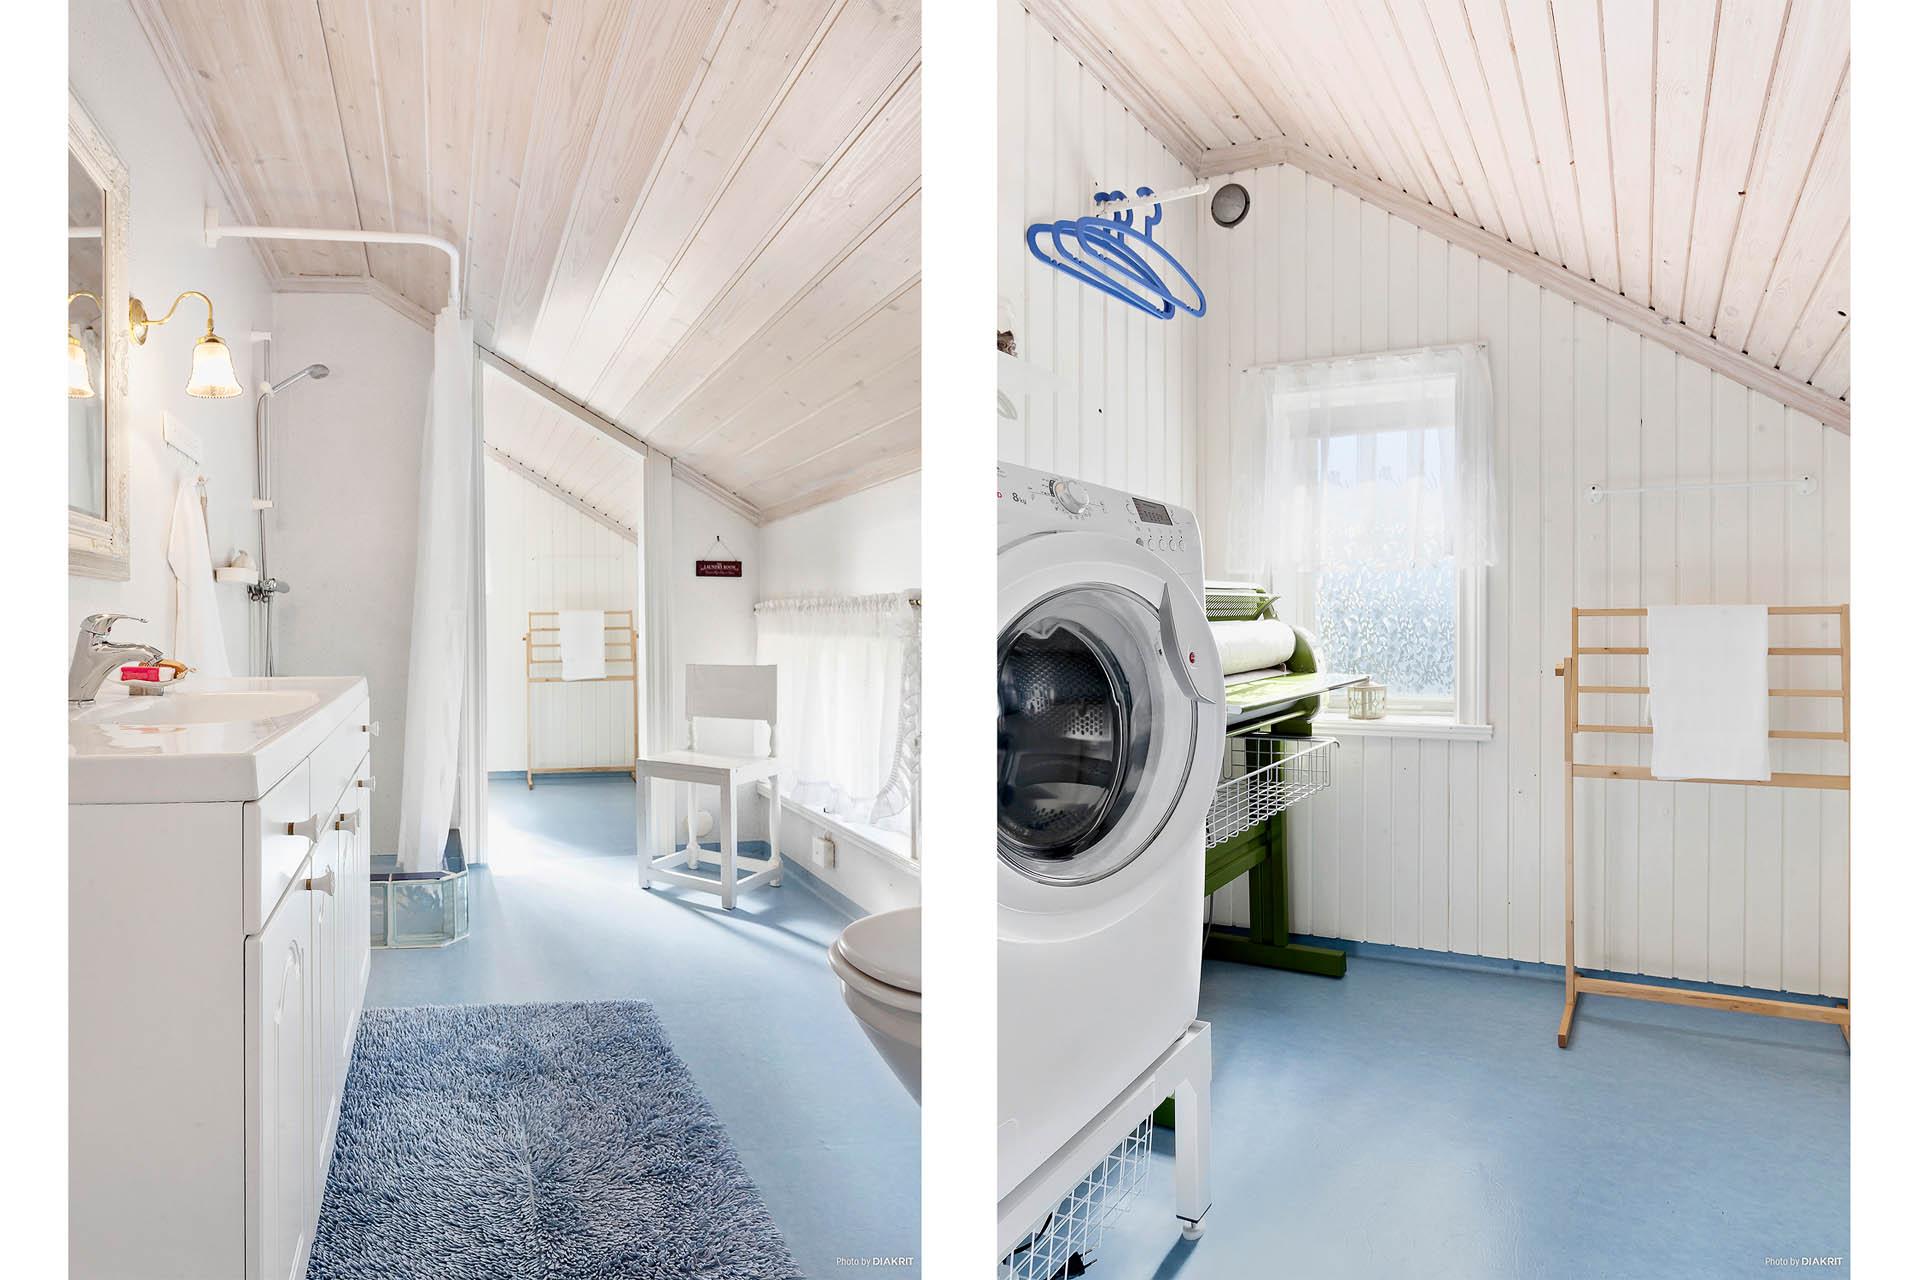 Duschrum med tvättstuga på övre plan.